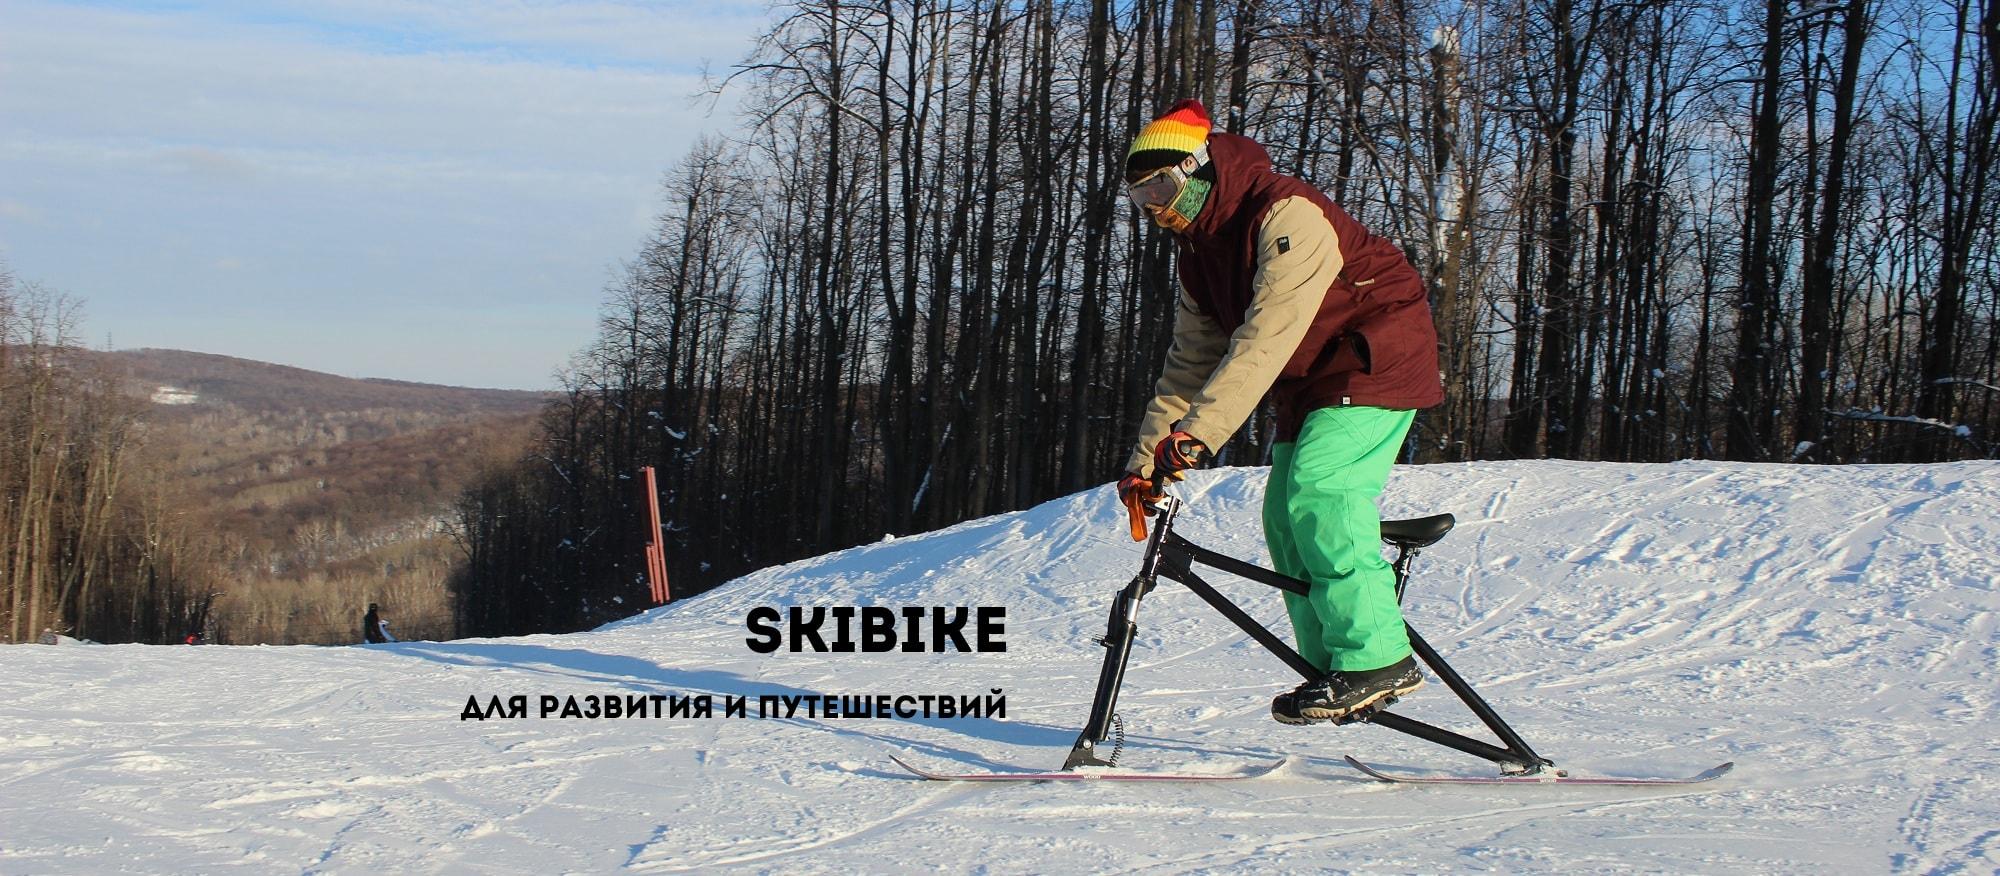 Skibike_4-min